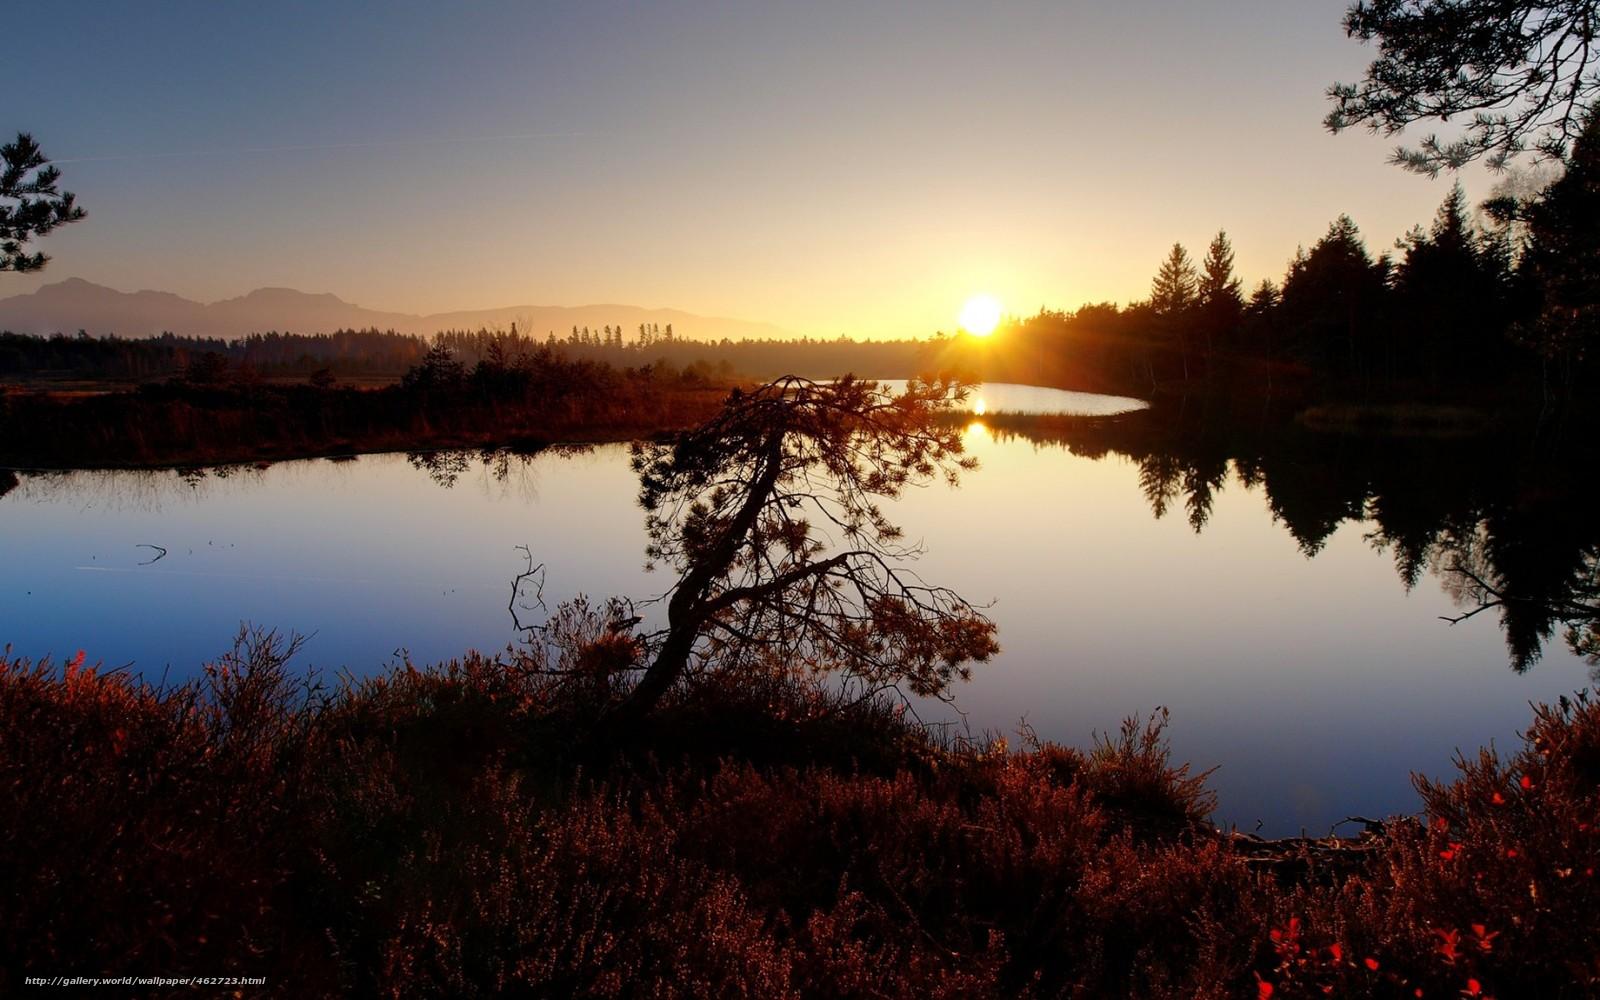 1440x900 sunset lake desktop - photo #38